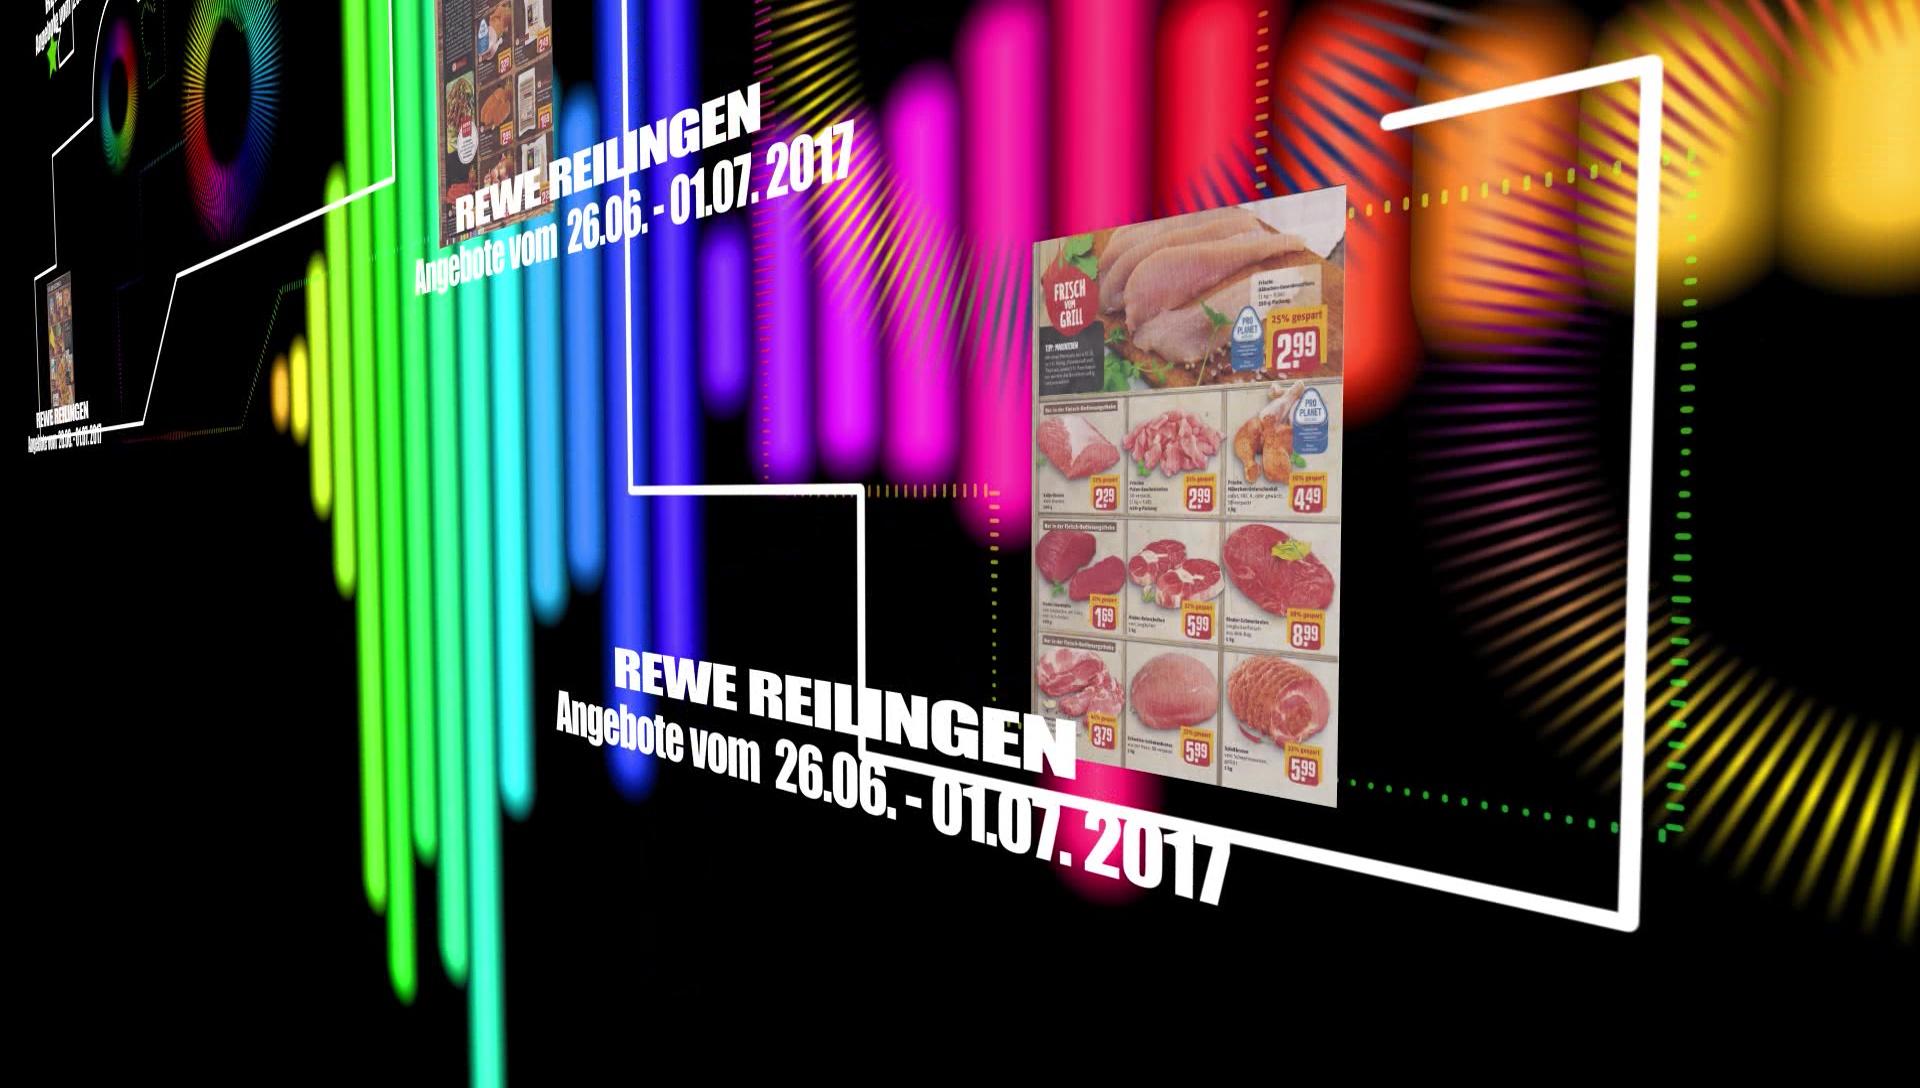 Rewe Reilingen Angebote Vom 2606 Bis 01072017 Tvueberregional